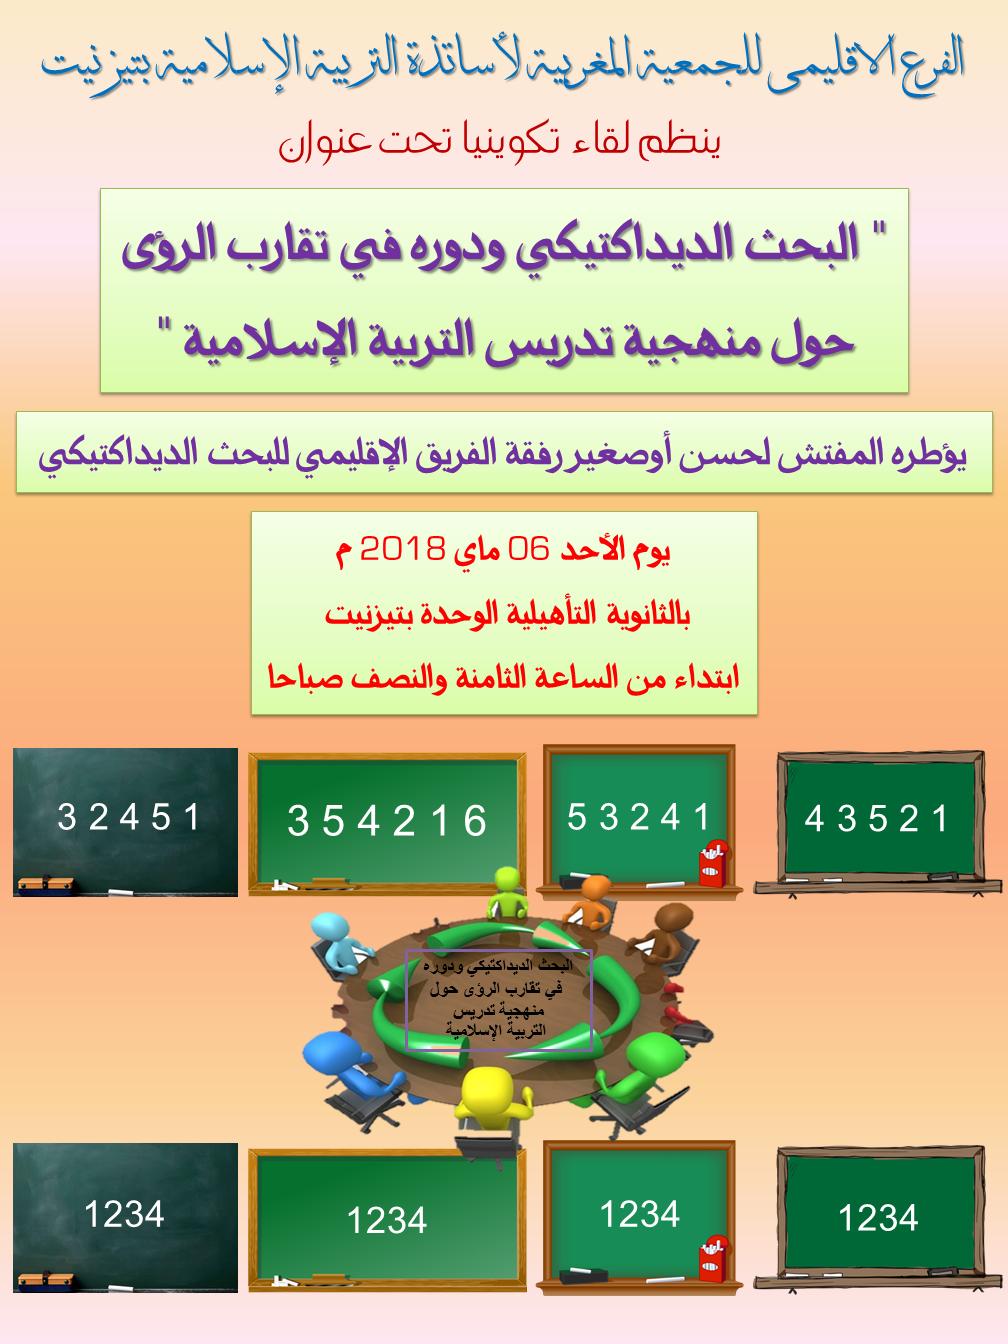 اعلان عن يوم تكويني لاساتذة التربية الاسلامية بتيزنيت